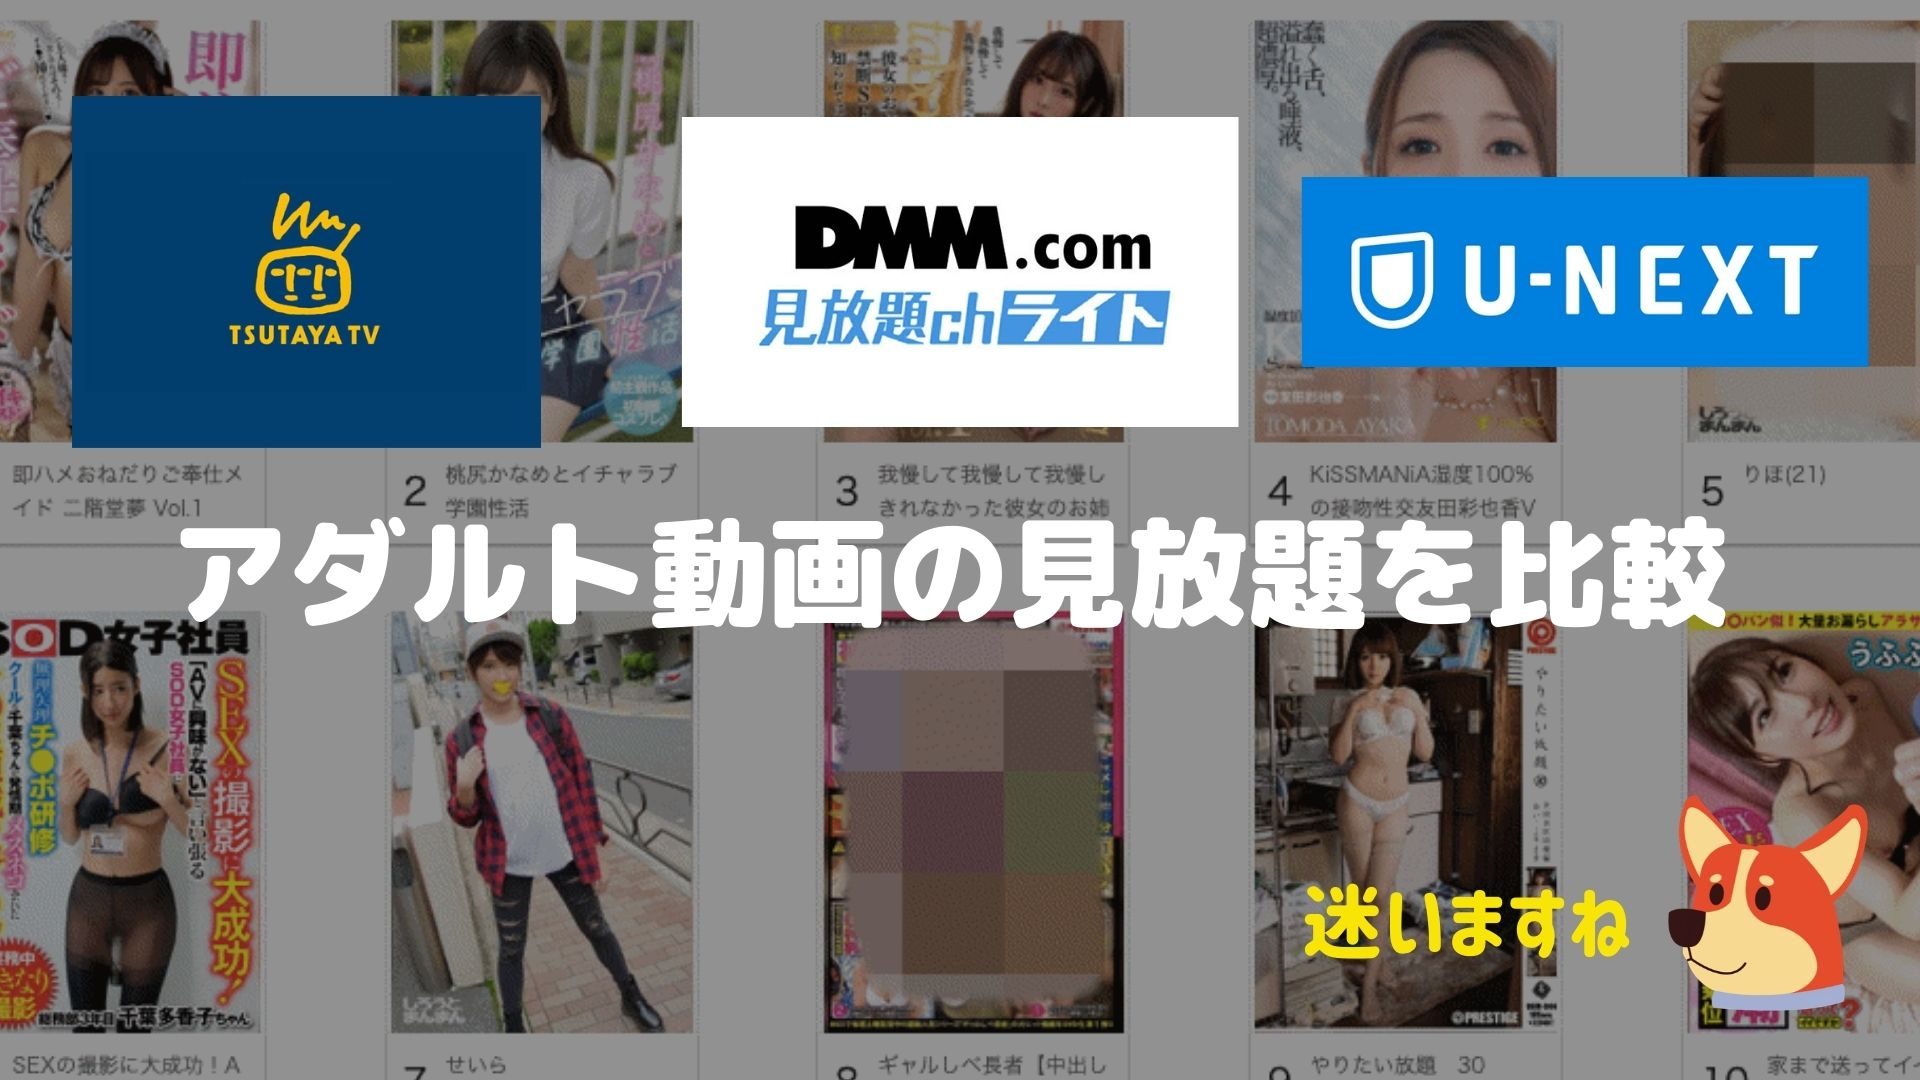 U-NEXTとFANZAとTSUTAYA TVのアダルト動画を比較している